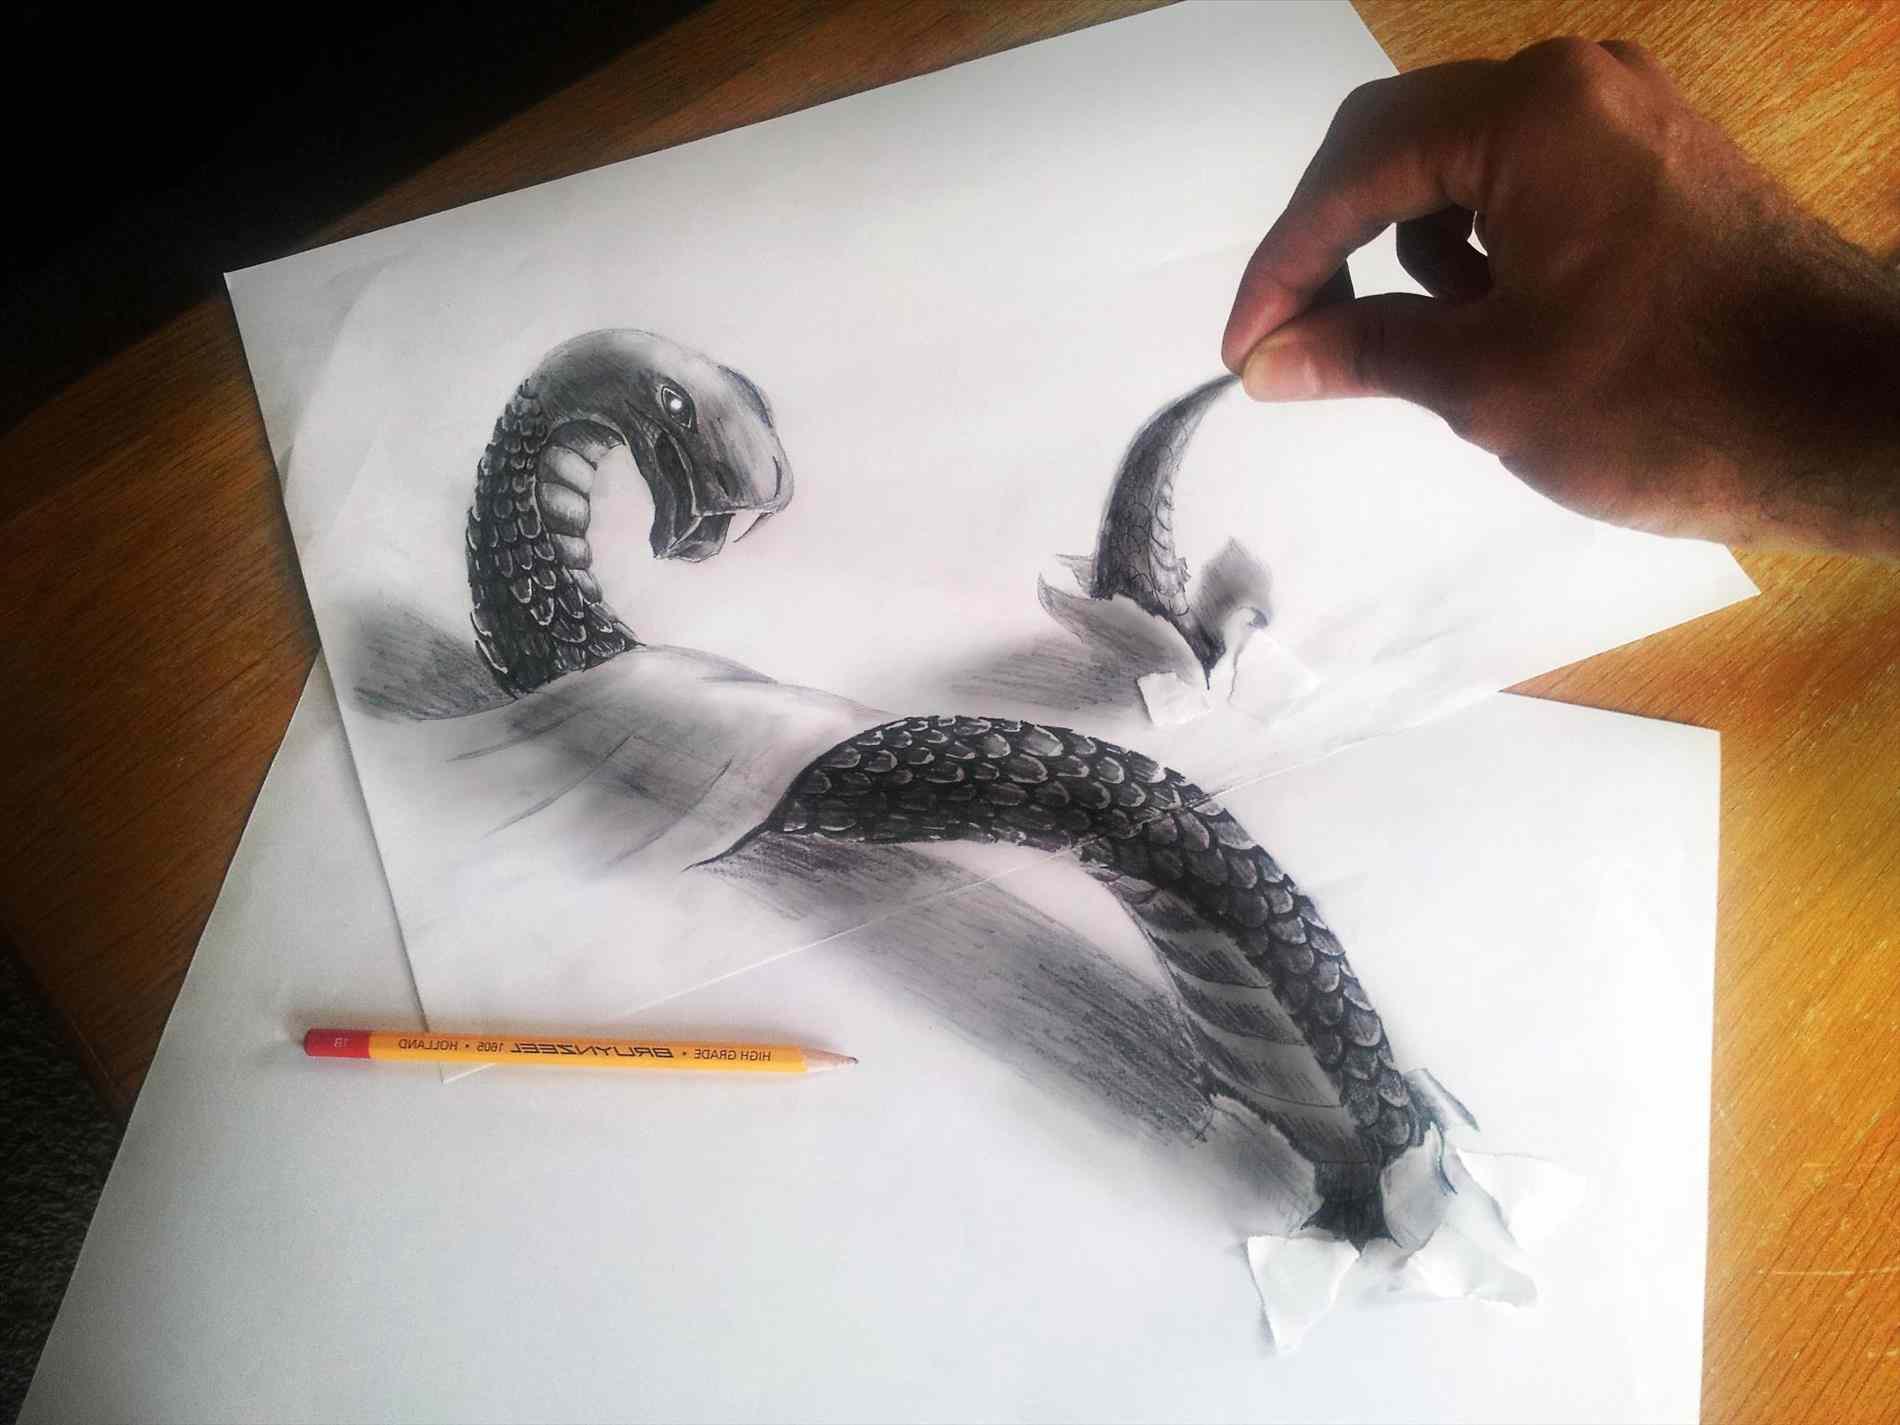 Drawn scorpion graffiti Of to Sketch graffiti Drawing